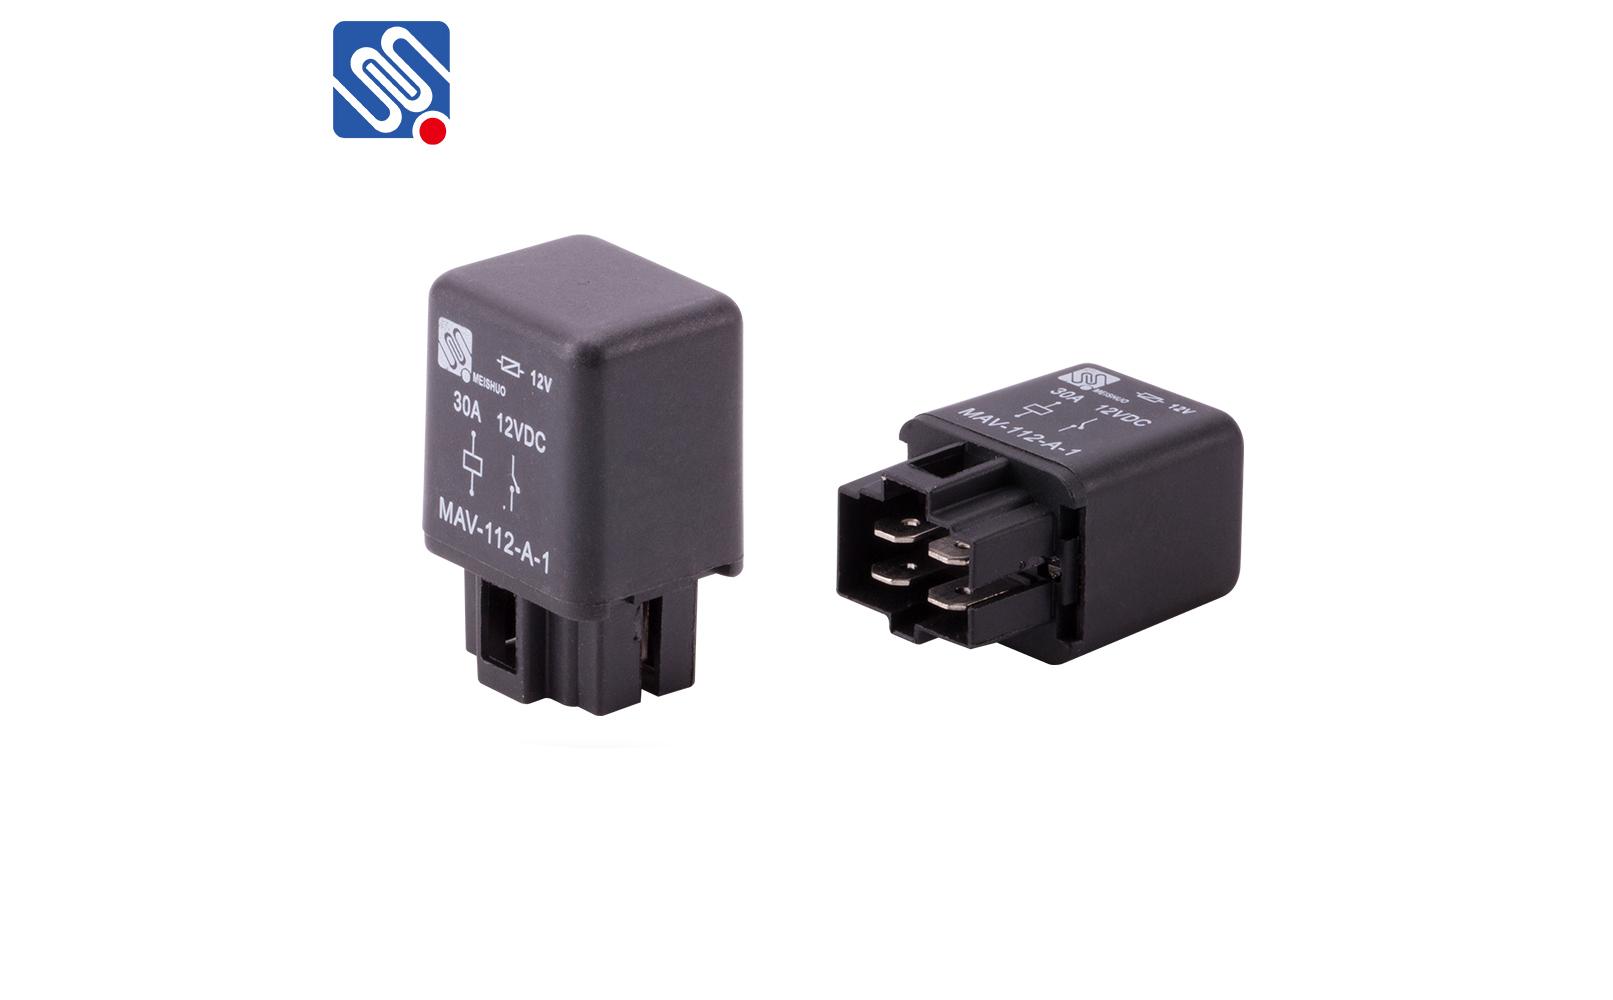 4 Pin 30 Amp 12 Volt Relay Mav 112 A 1 Meishuoen Relays Cheap